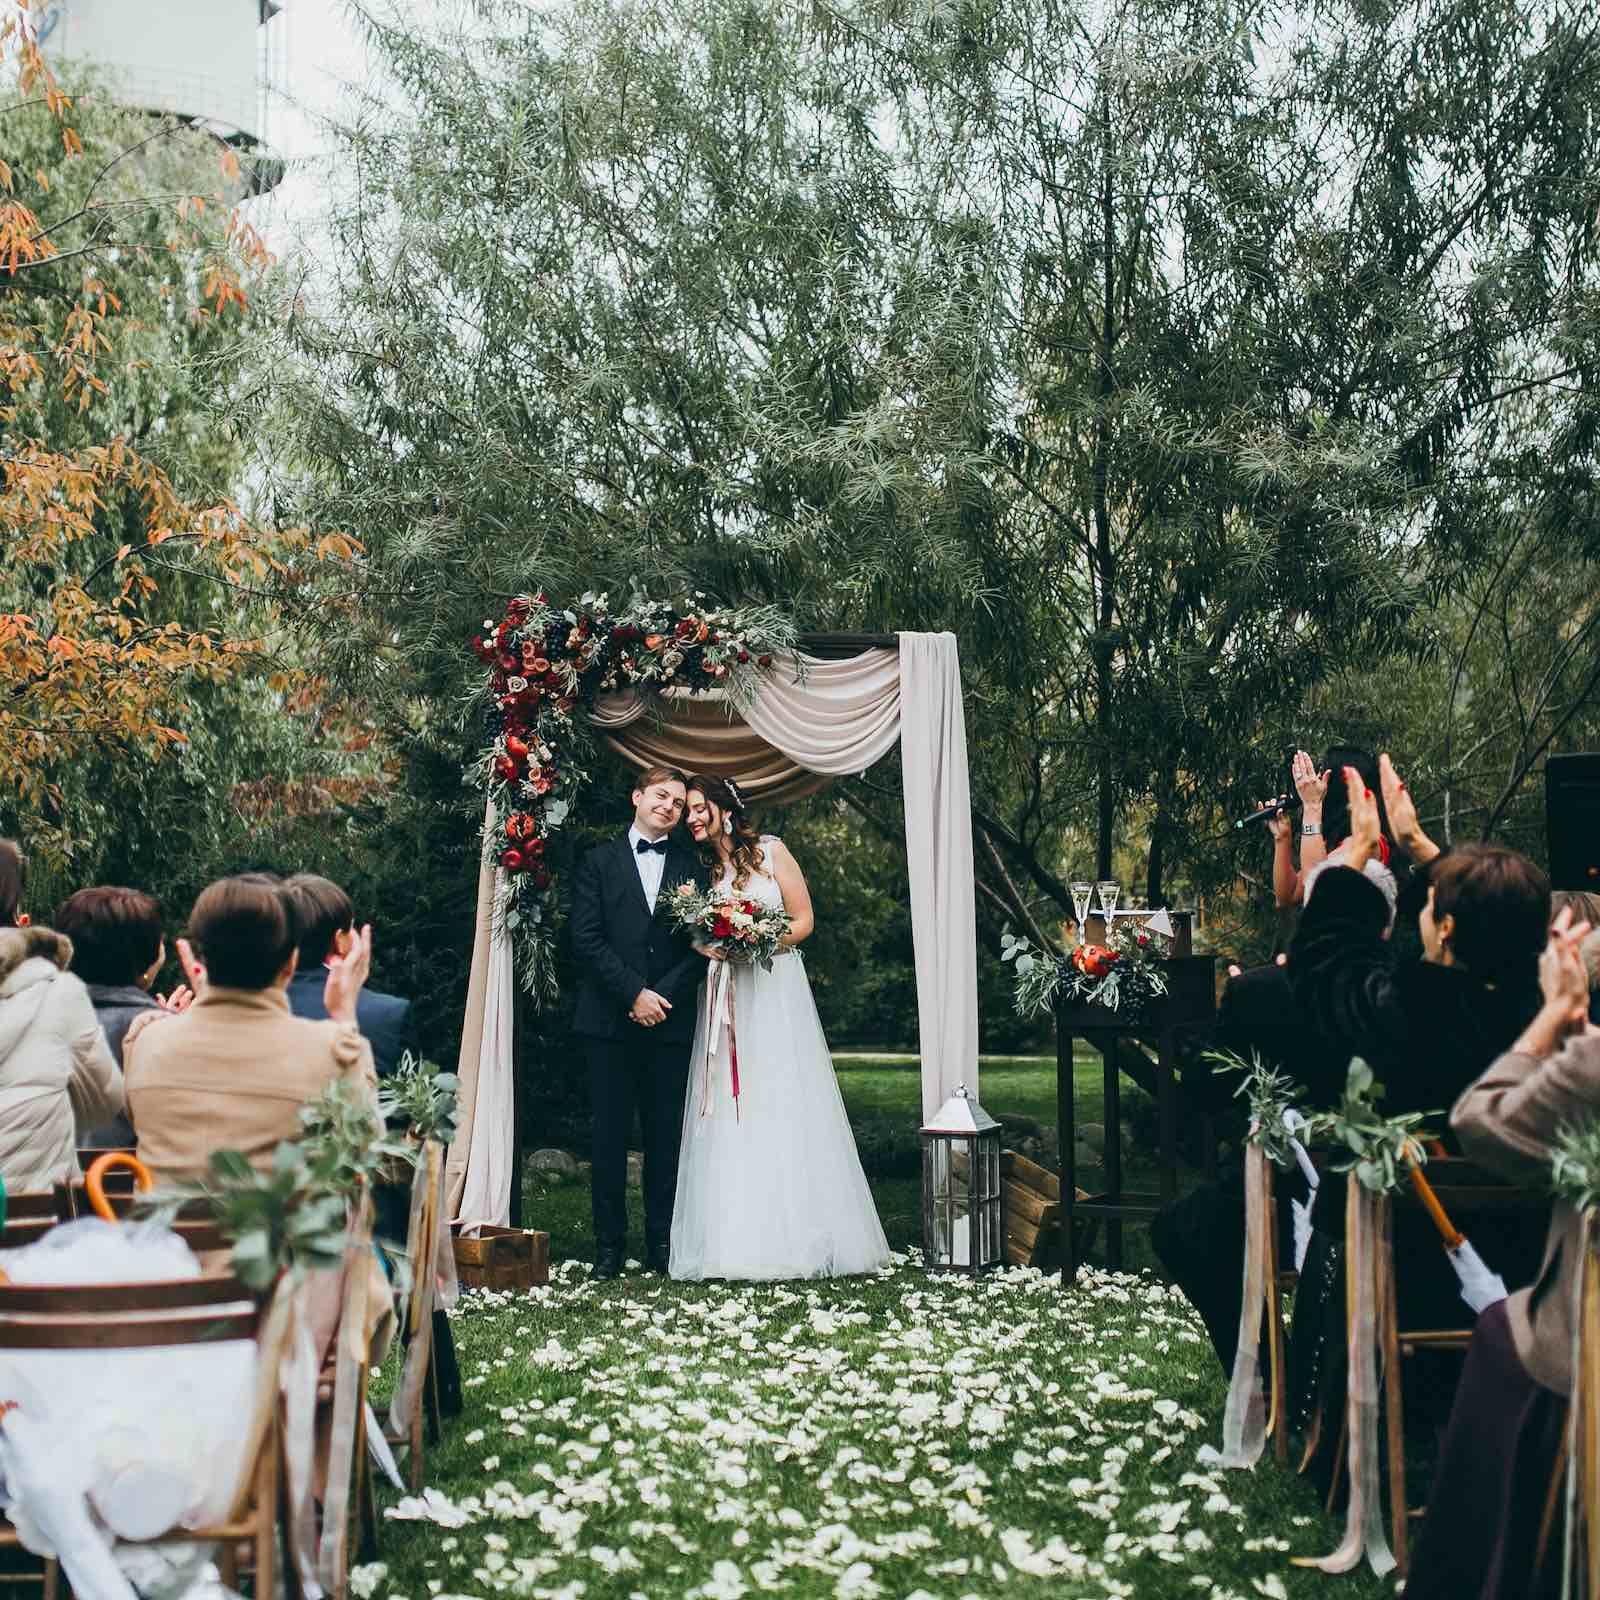 Fotograf | Hochzeit | Hildesheim | Hameln | Hannover | Celle | Peine | Fotograf | Braunschweig | Hochzeit | Hochzeitsfotografie | Hochzeitsreportage | Fotografie | Buchen | Mieten | Lehmann | Eventservice